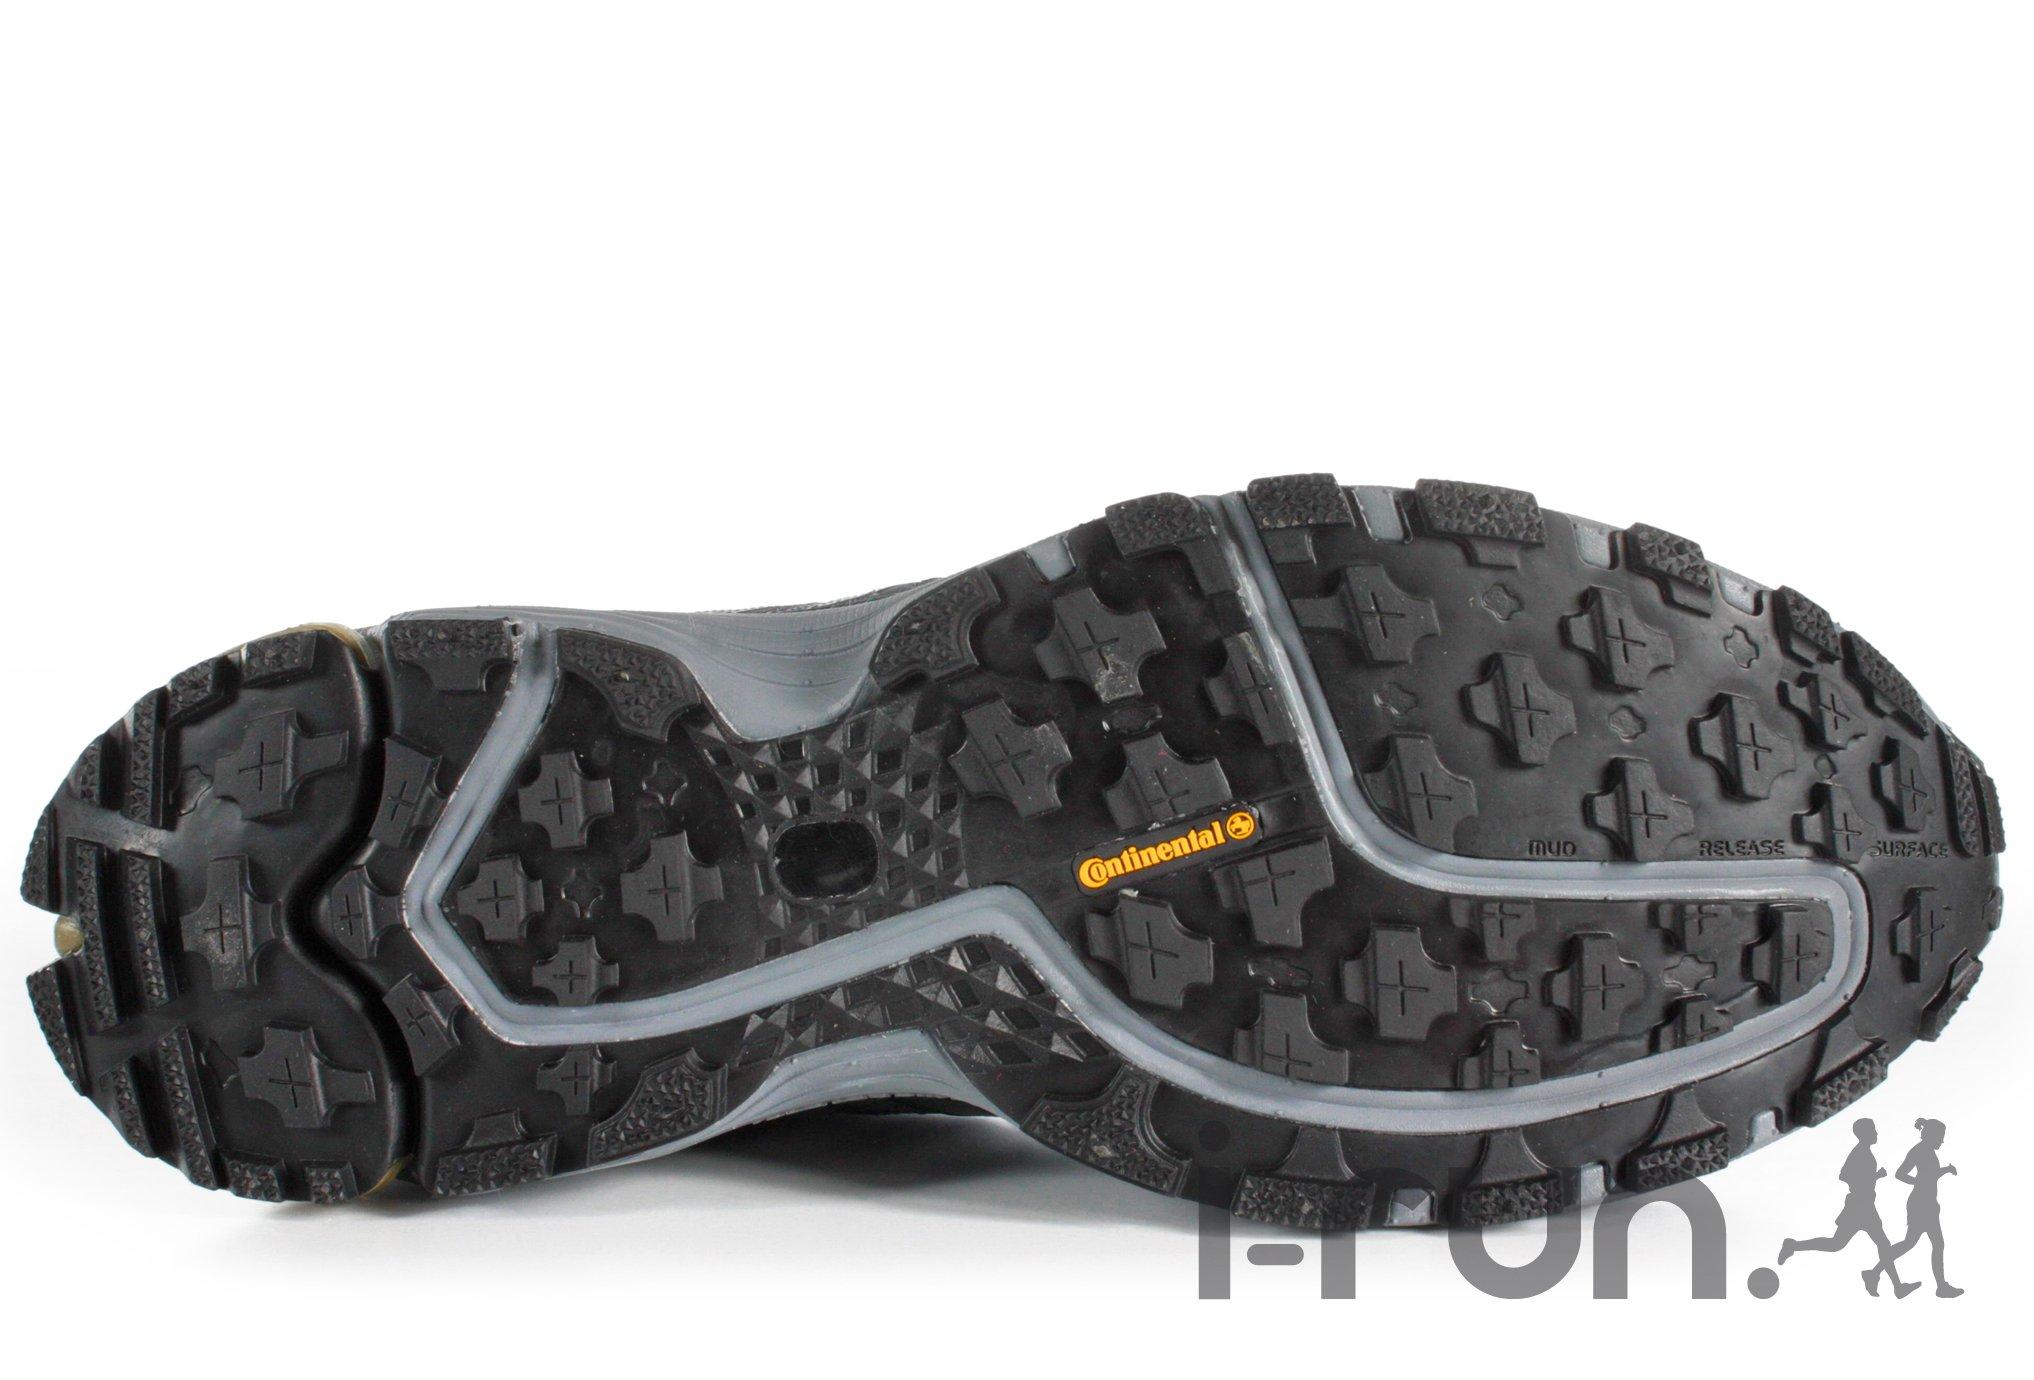 chaussure trail adidas riot 5,adidas supernova riot 5 m